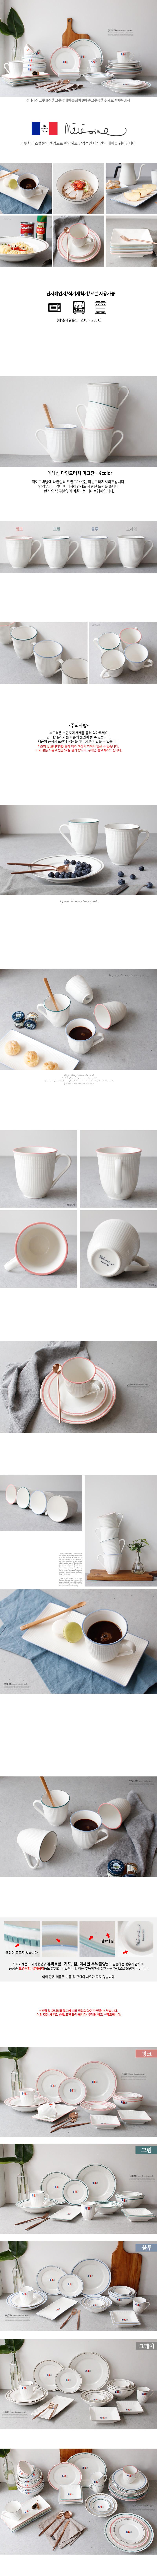 메레신 마인드터치 머그잔 - 4color - 체리하우스, 9,000원, 머그컵, 심플머그